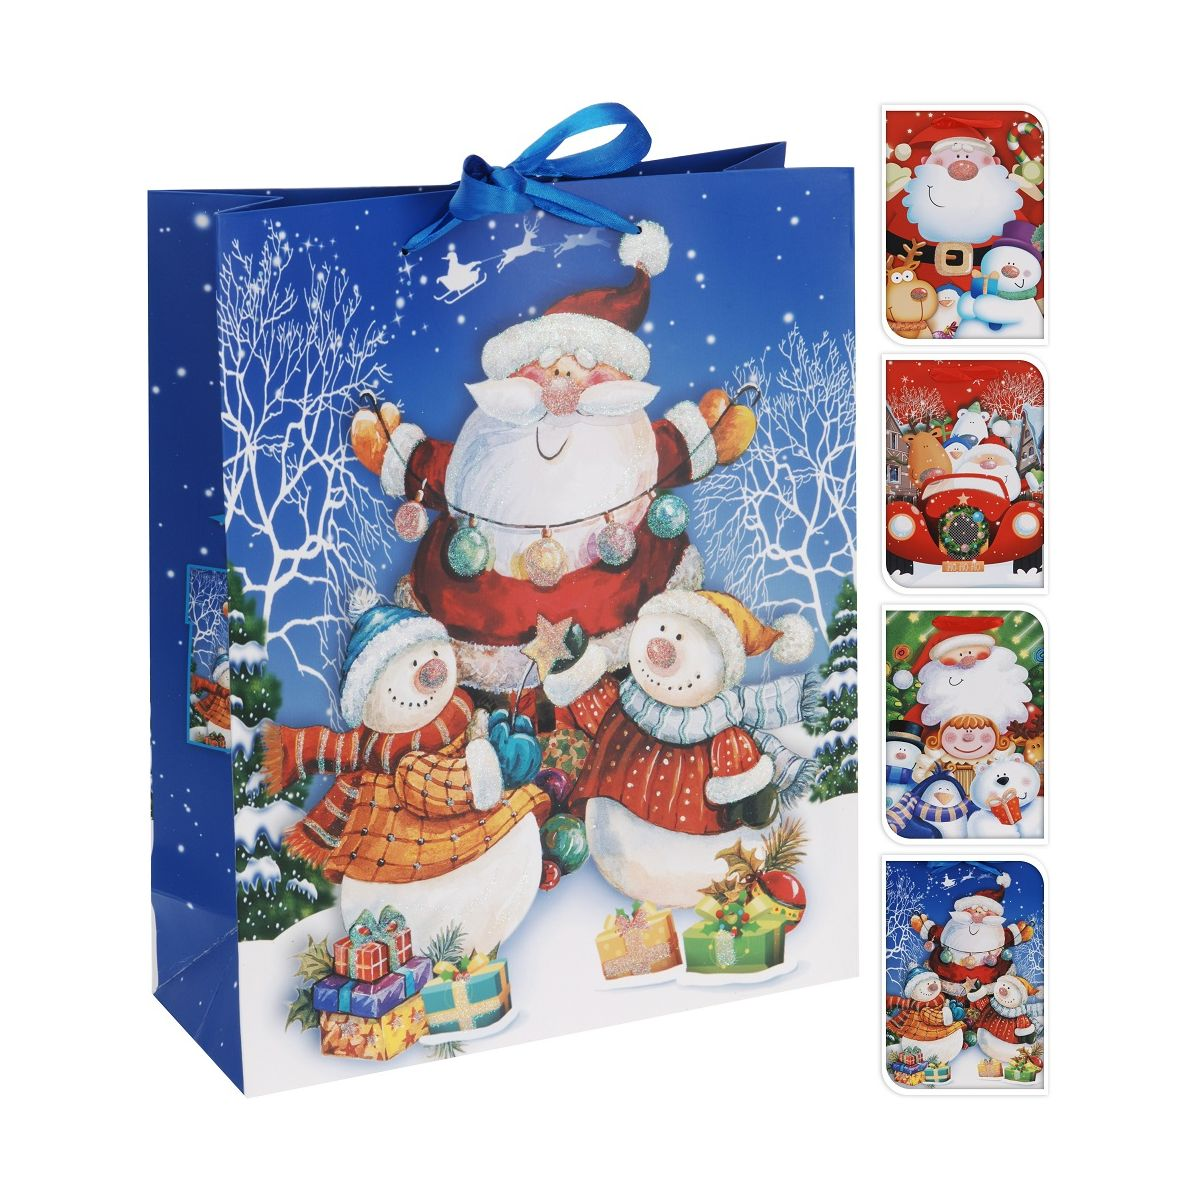 Пакет подарочный 32x26x10смпакет подарочный 32x26x10см<br>